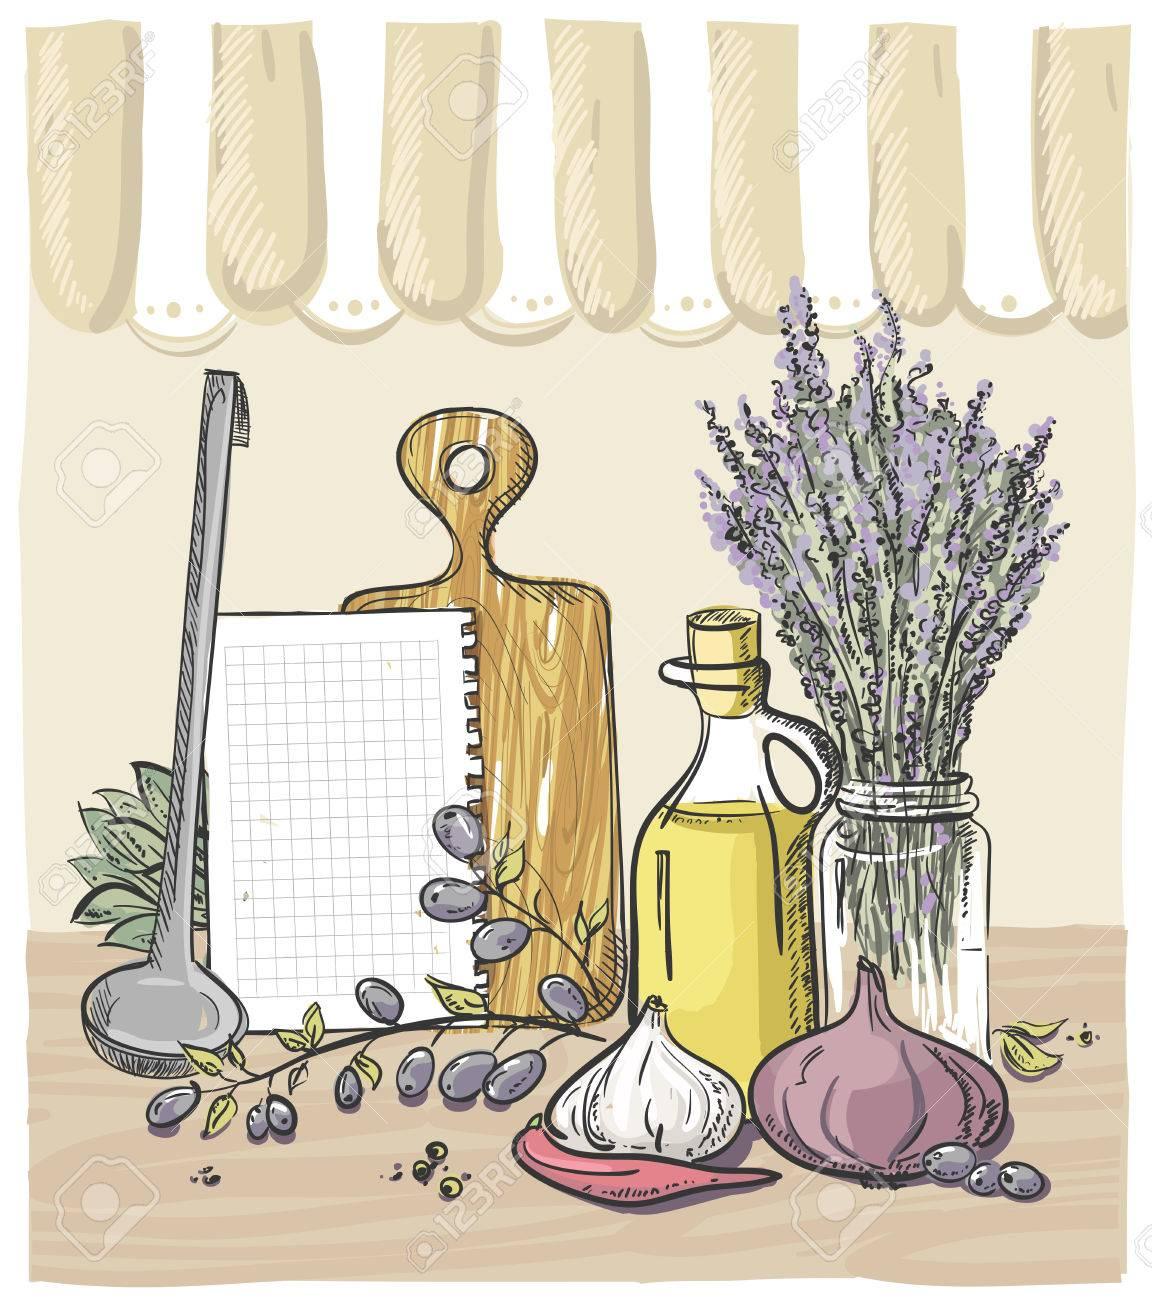 archivio fotografico vector graphic rurale ancora disegno life con verdure utensili da cucina profumi di lavanda e una bottiglia di olio di oliva con